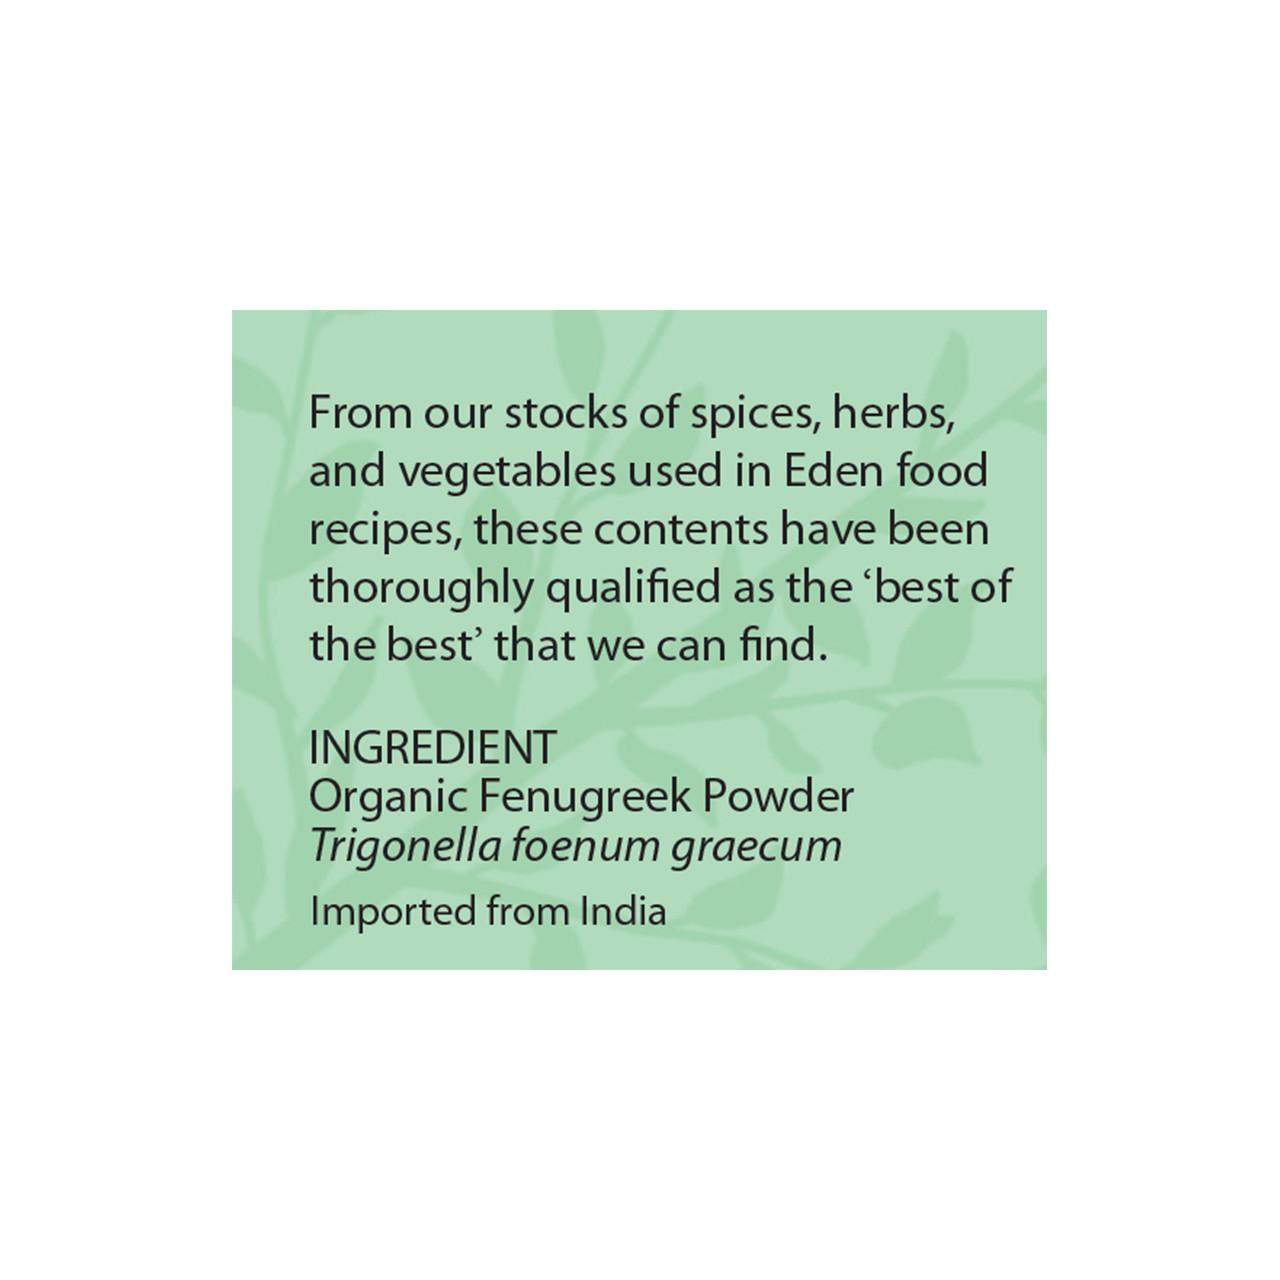 Fenugreek Powder, Organic